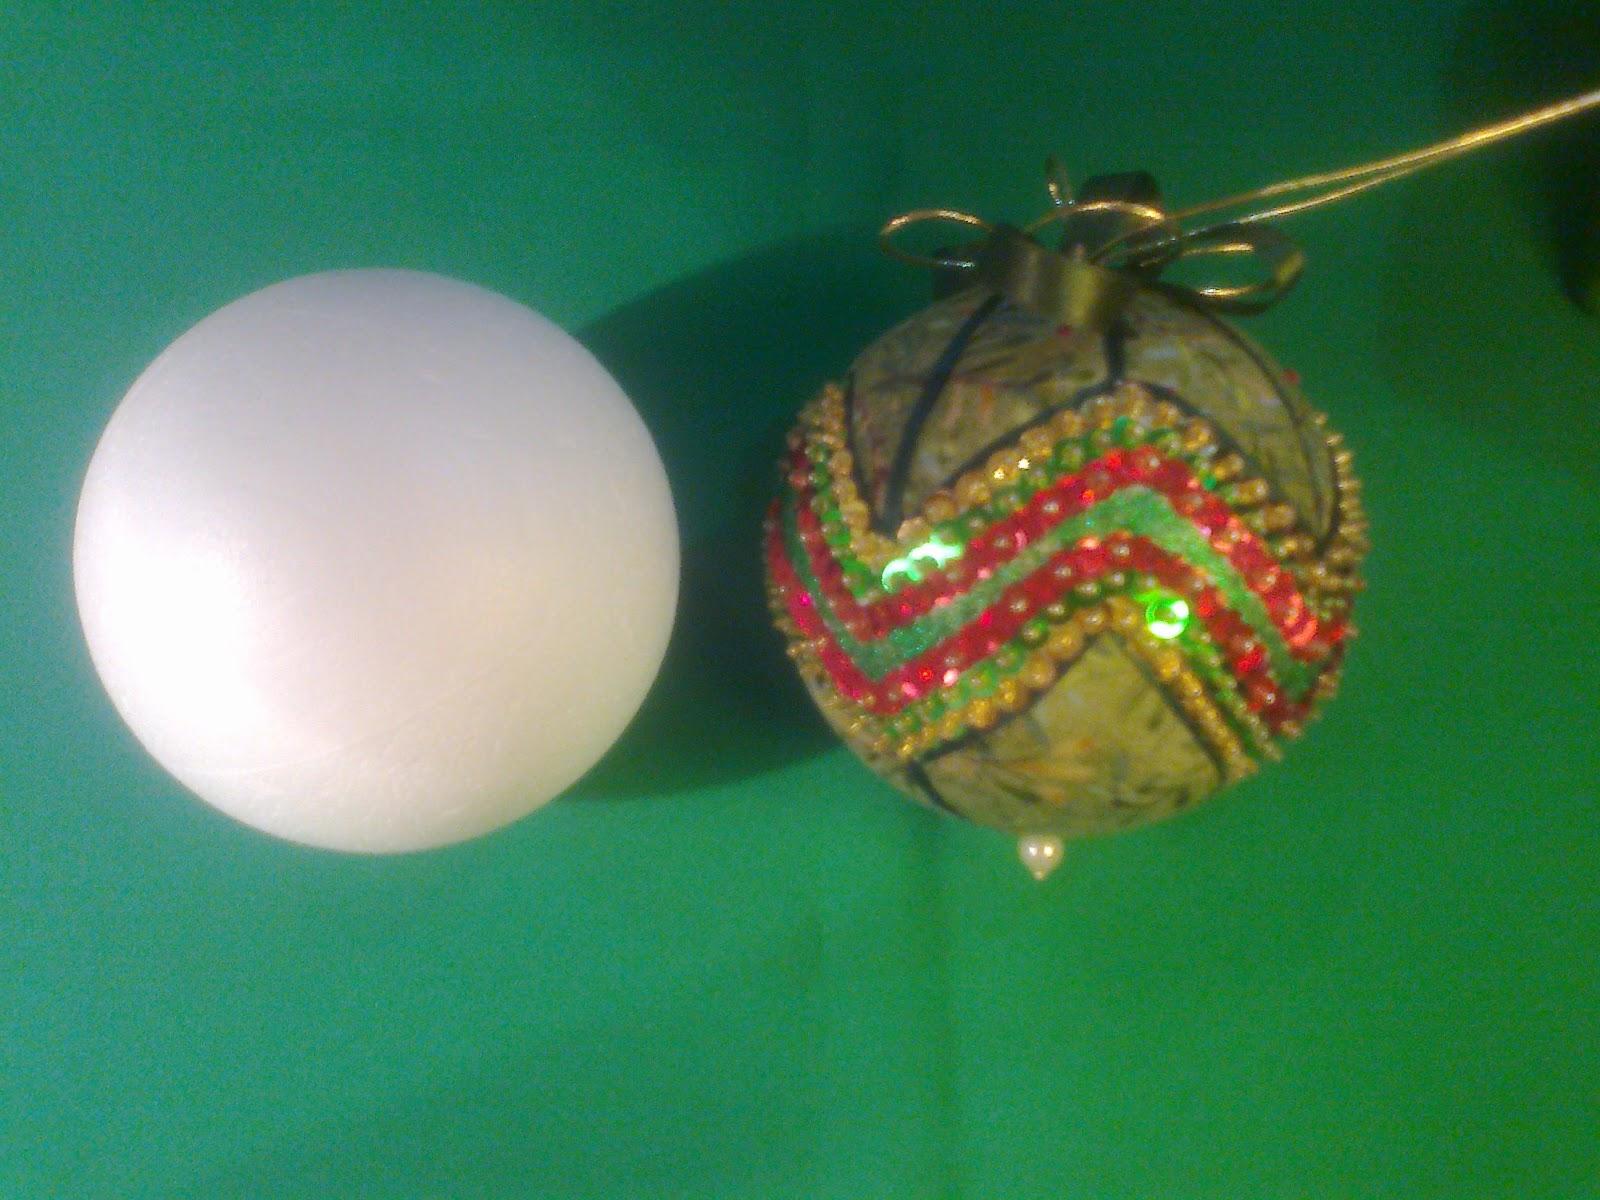 Manualidades gavimar bolas de navidad - Manualidades con bolas de navidad ...